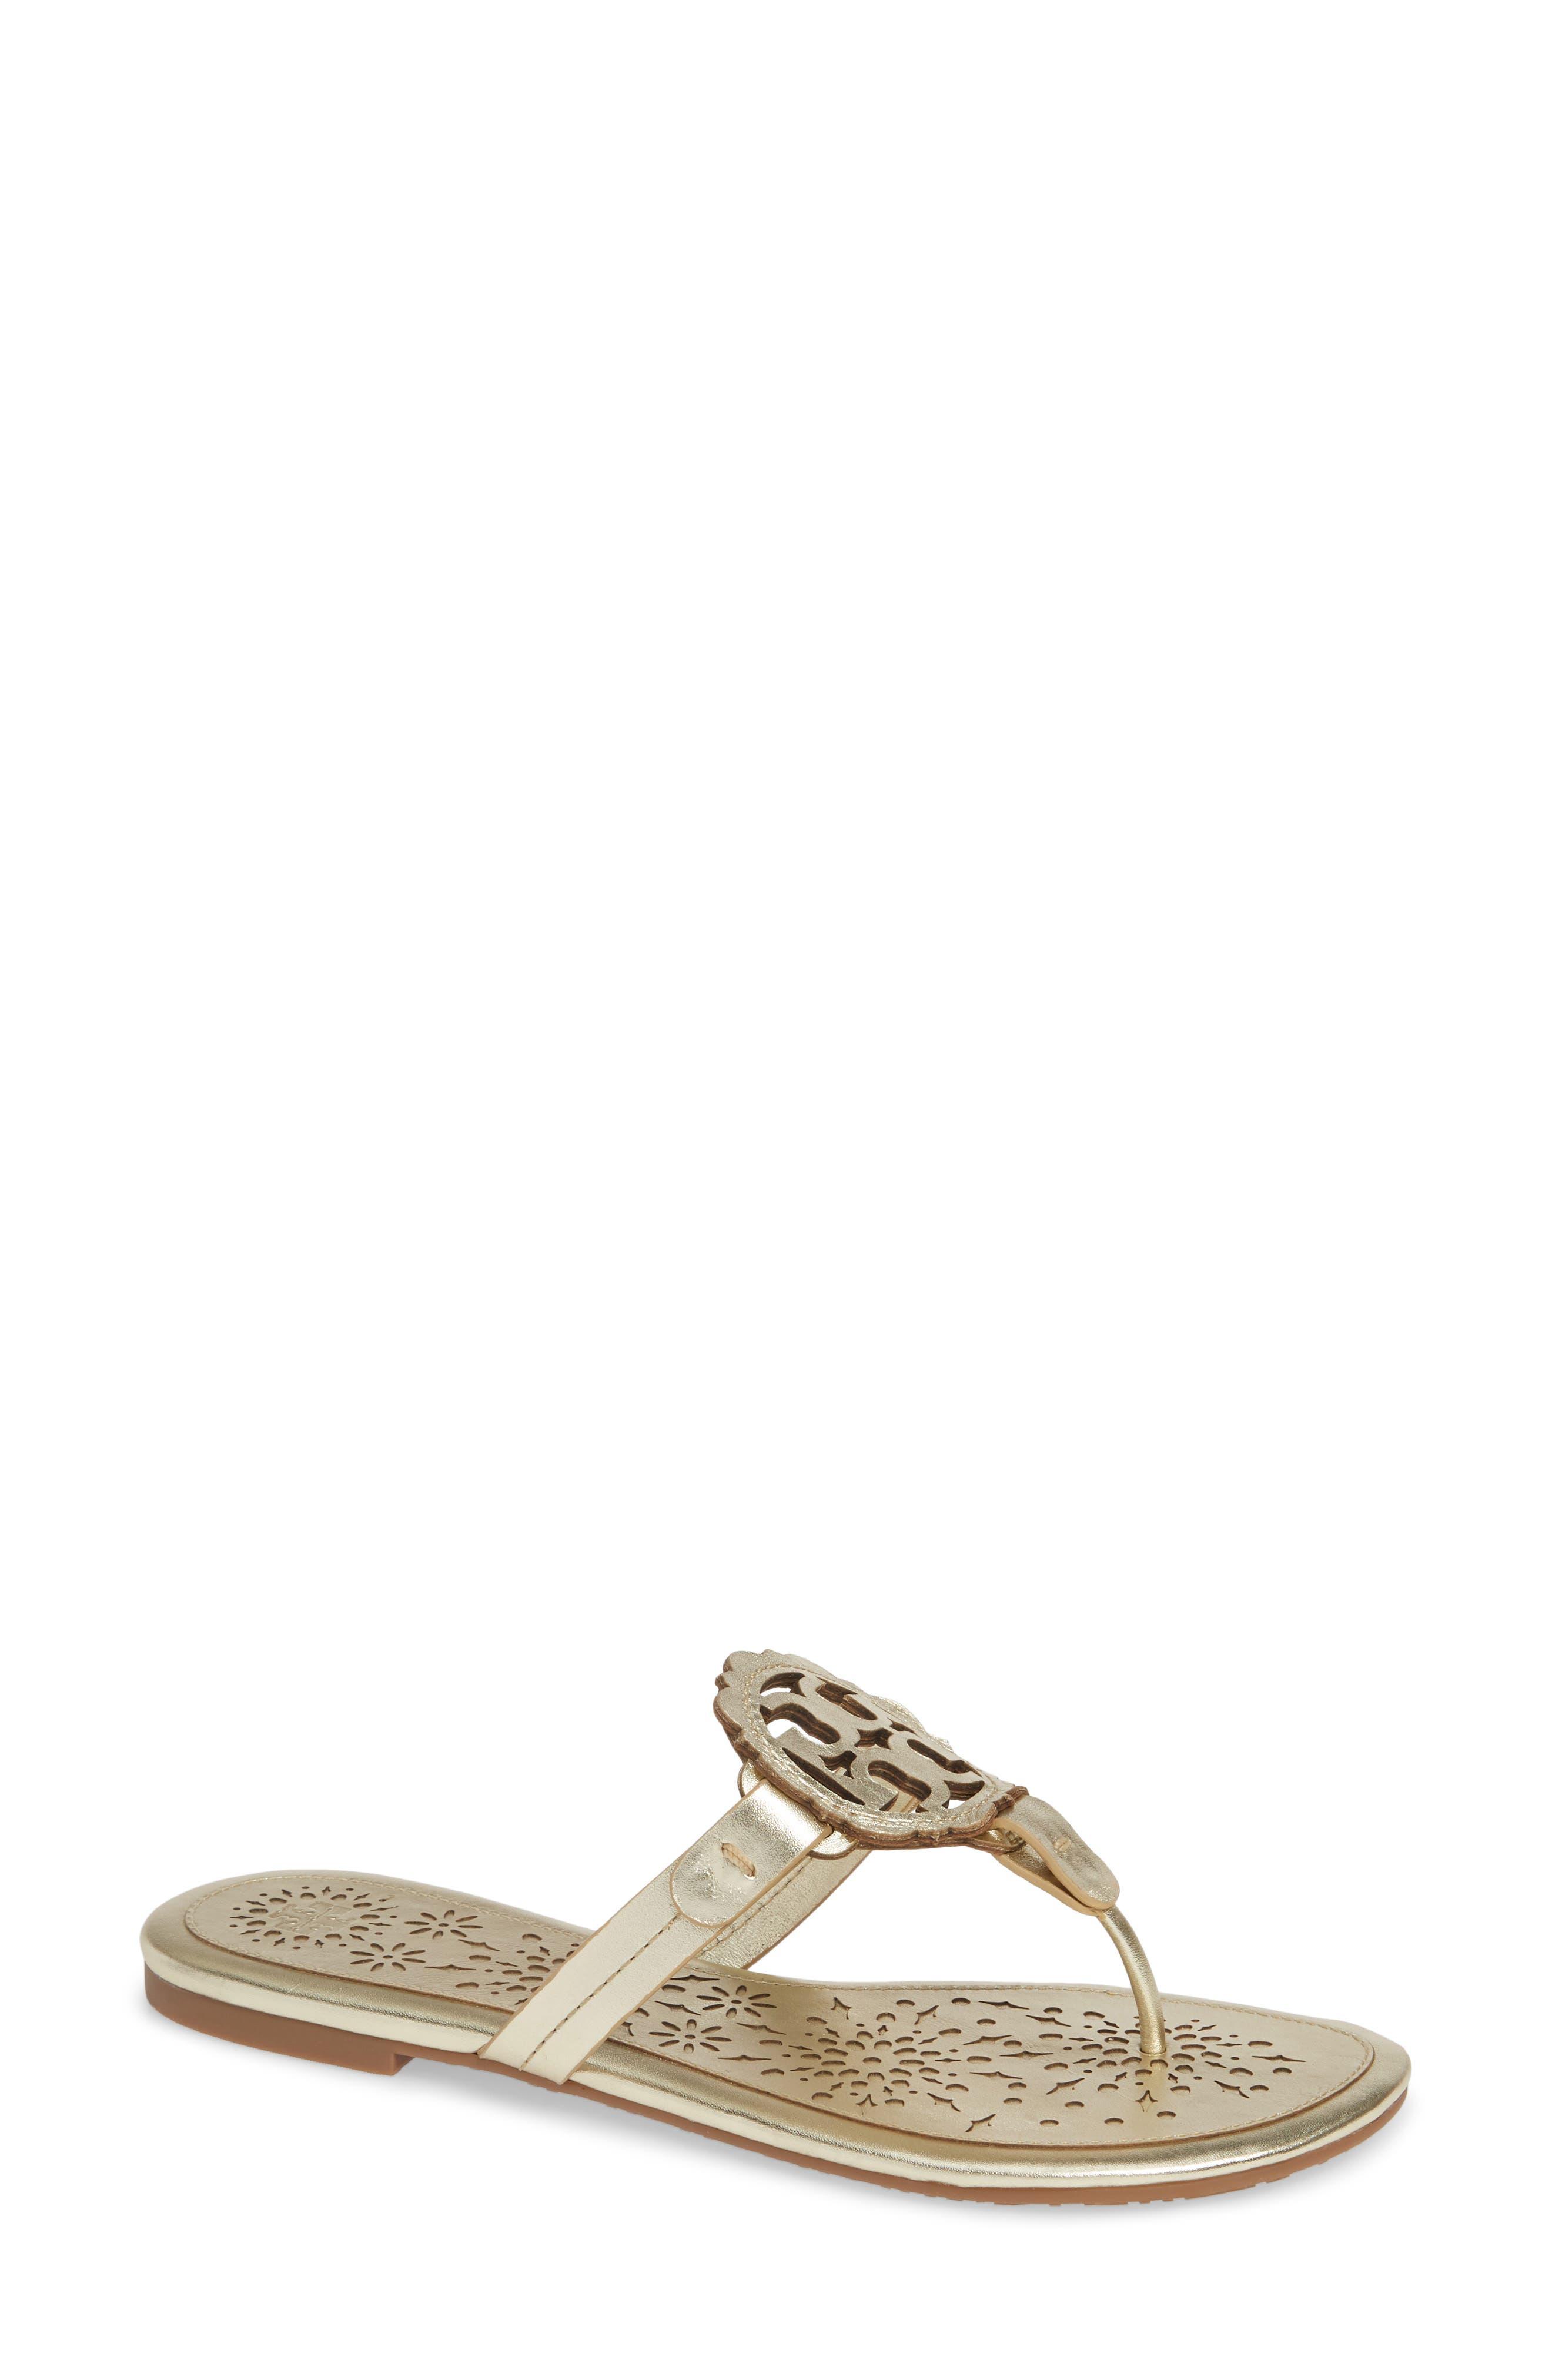 Tory Burch Miller Scalloped Medallion Sandal, Metallic